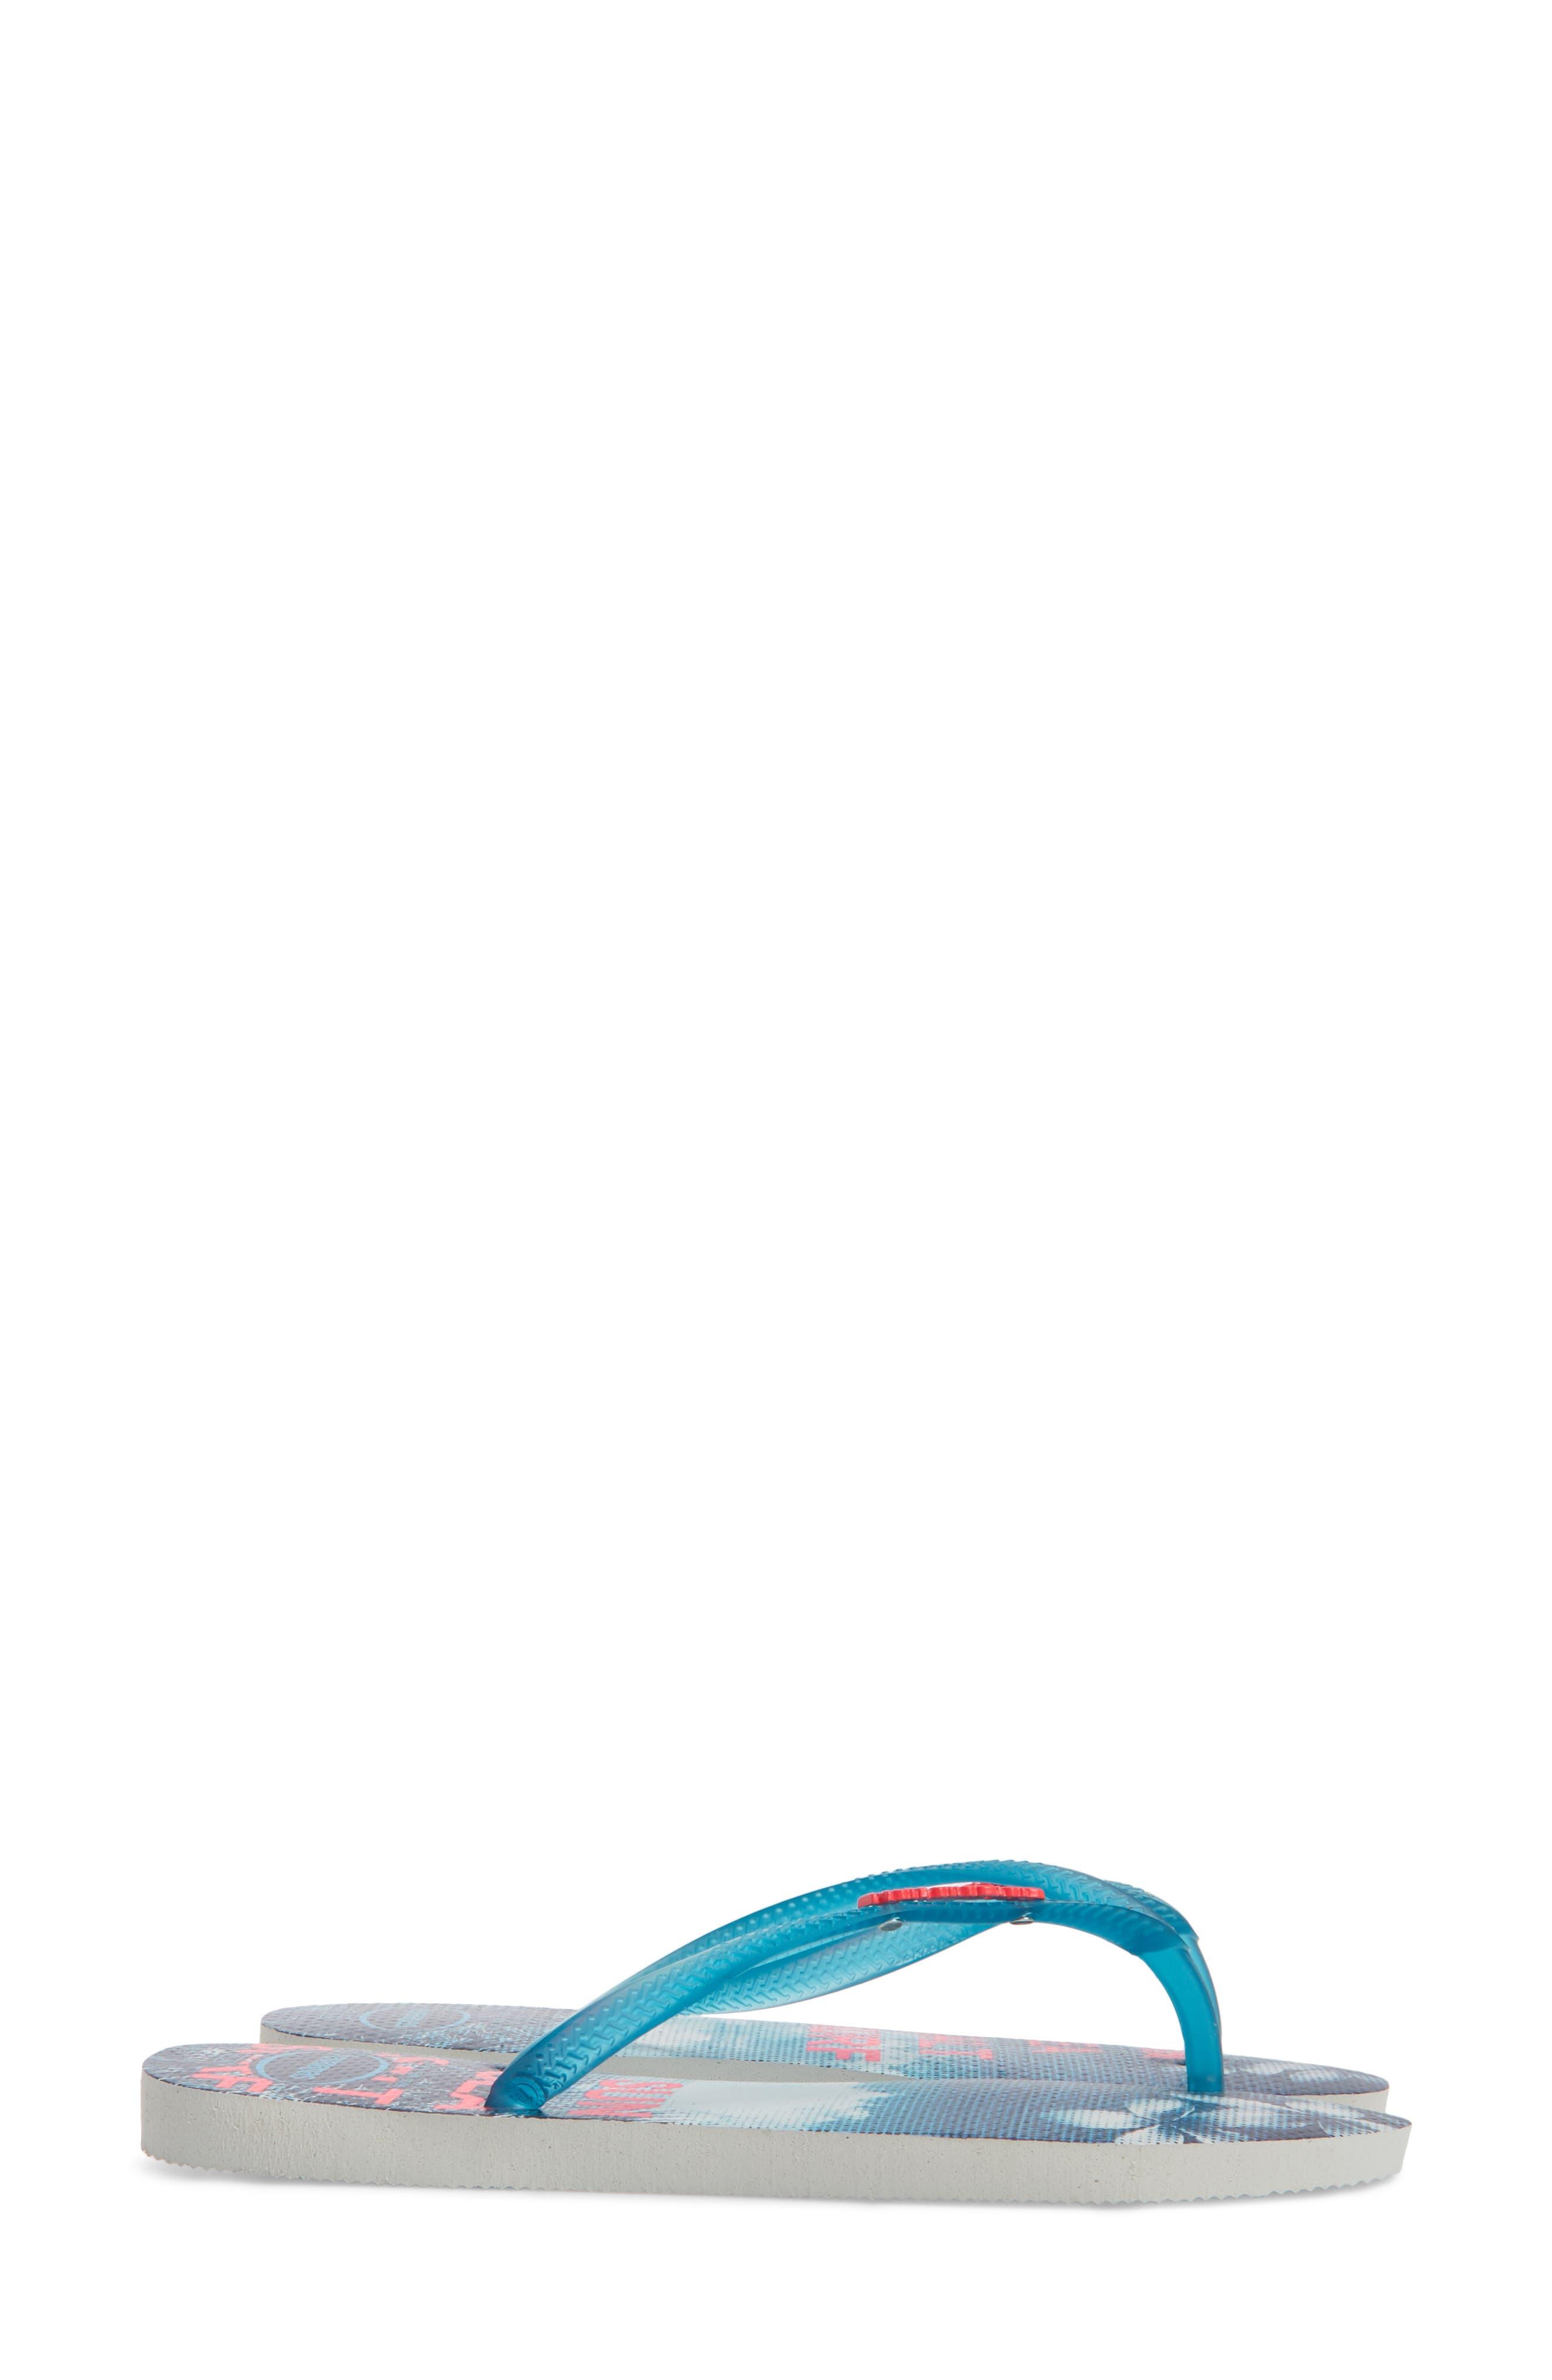 'Slim Paisage' Flip Flop,                             Alternate thumbnail 4, color,                             WHITE/ TURQUOISE